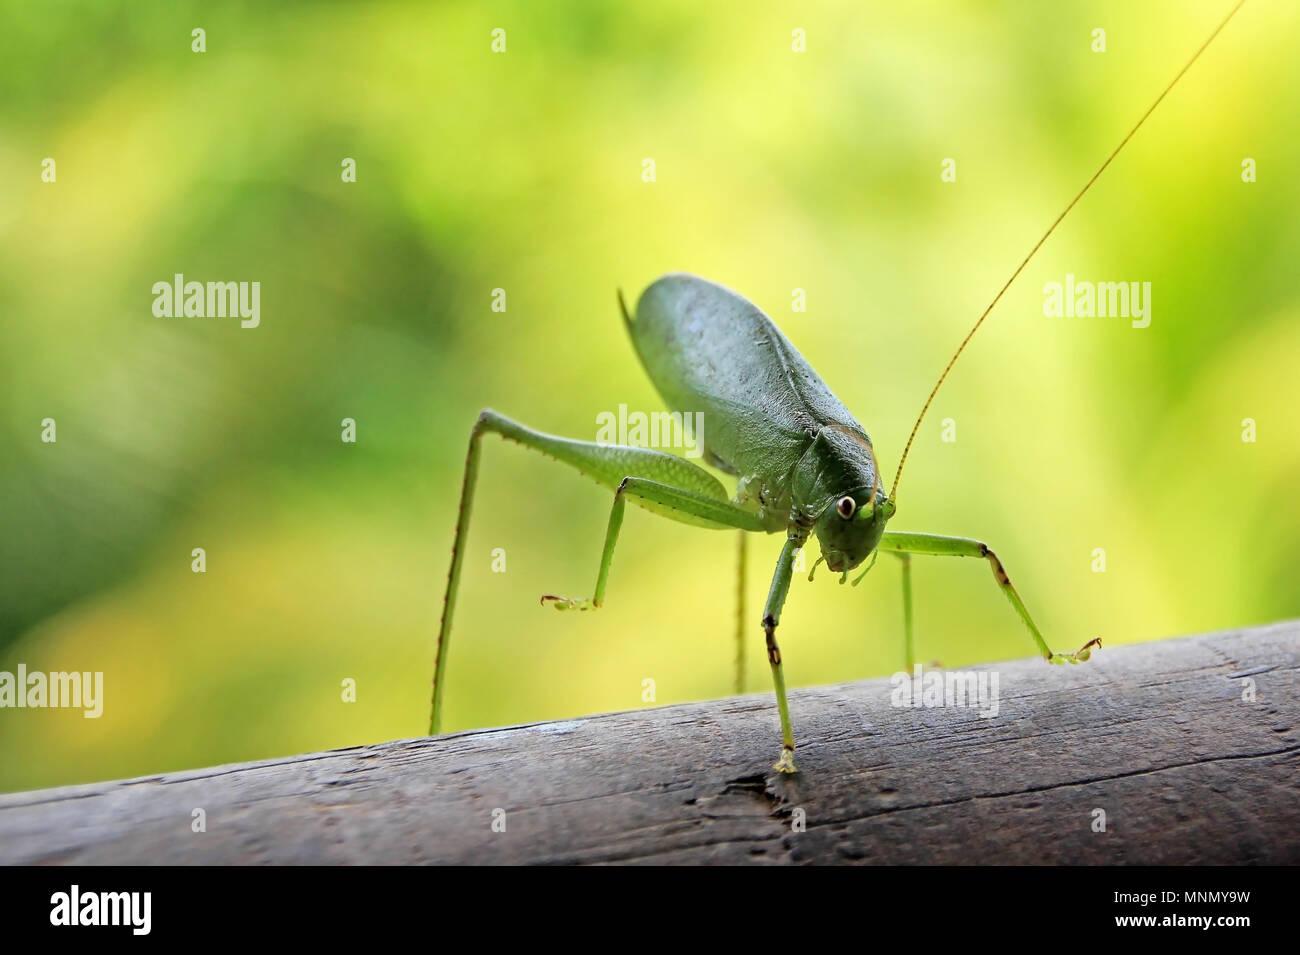 Nahaufnahme von Tettigoniidae, auch als Bush Cricket, katydid oder Langhörnigen Heuschrecke, Costa Rica Stockbild